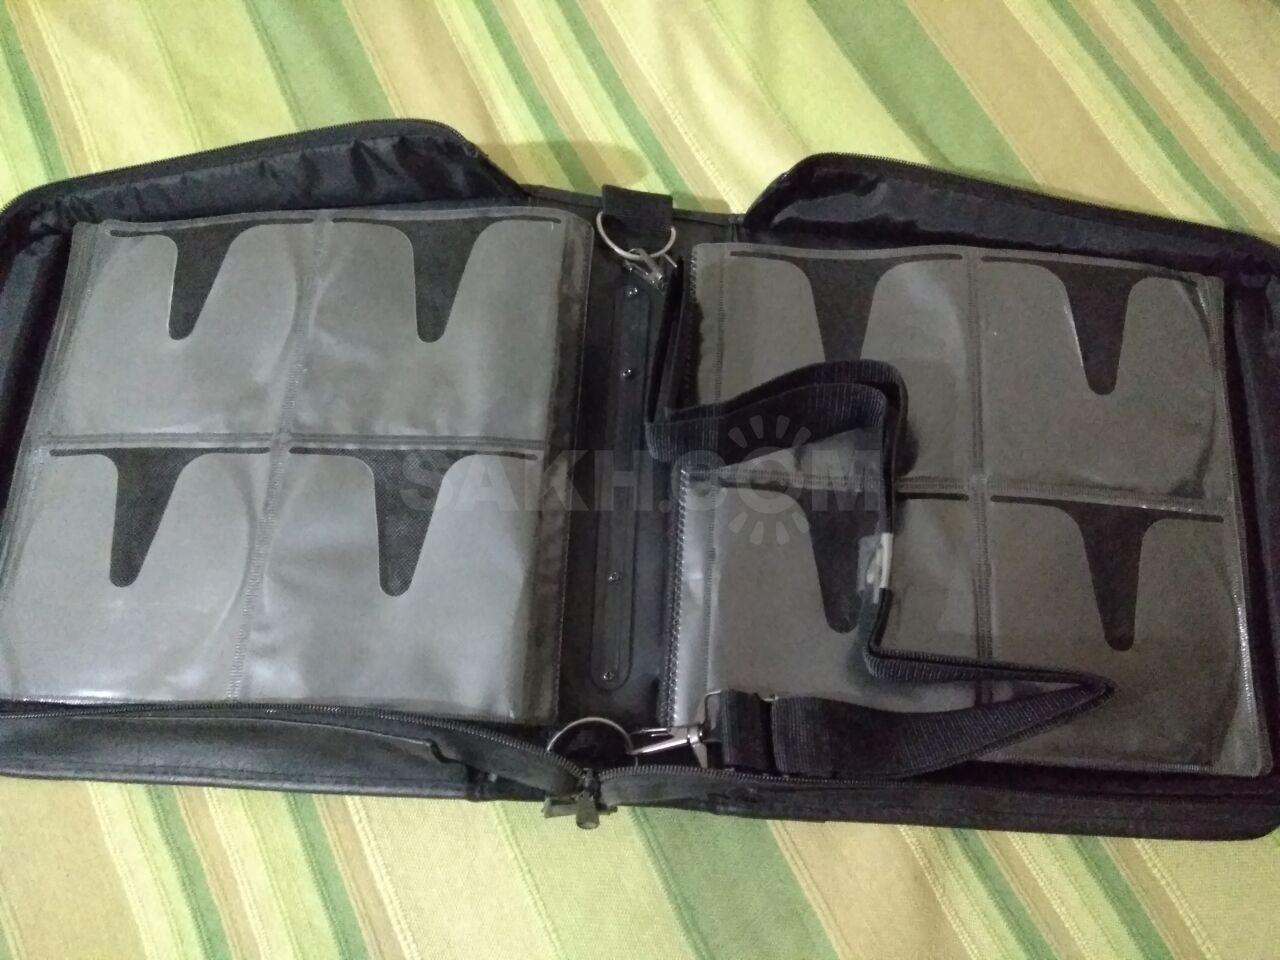 ea1185f7162c сумка для CD/DVD на 240 дисков - 500 руб. Компьютеры и игры. Другое ...